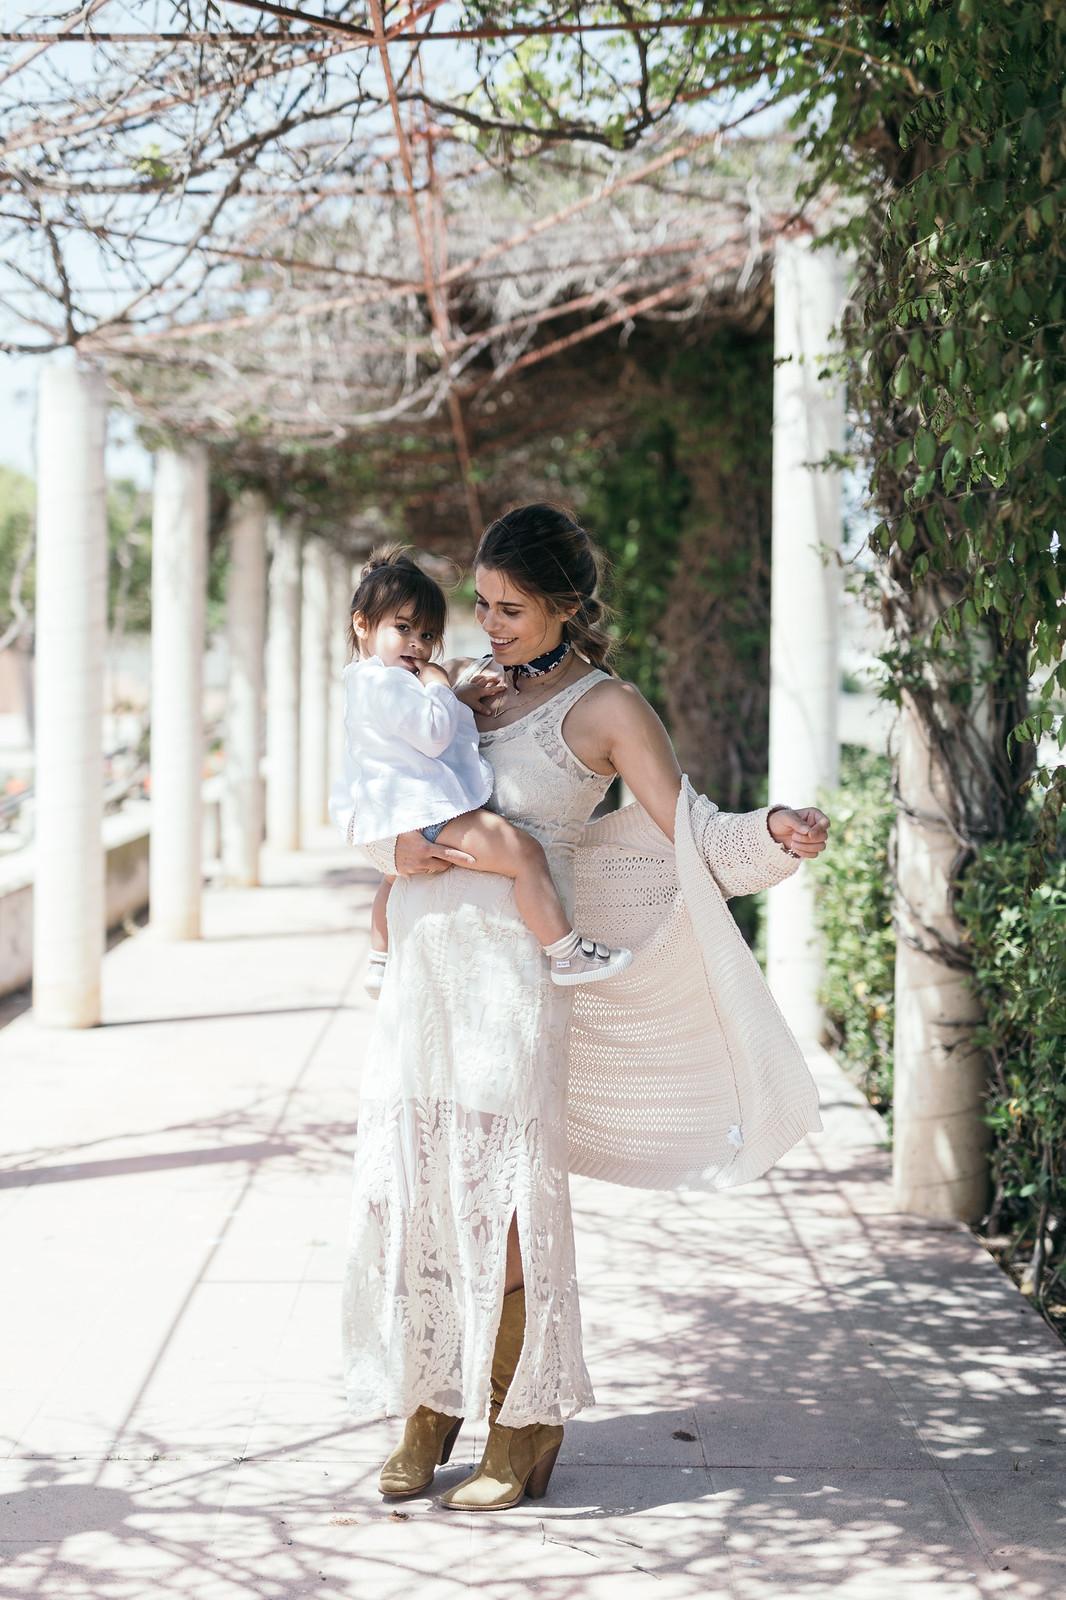 Jessie Chanes - Seams for a desire - El Corte Ingles - Giftlist - Lista de regalos dia de la madre -9